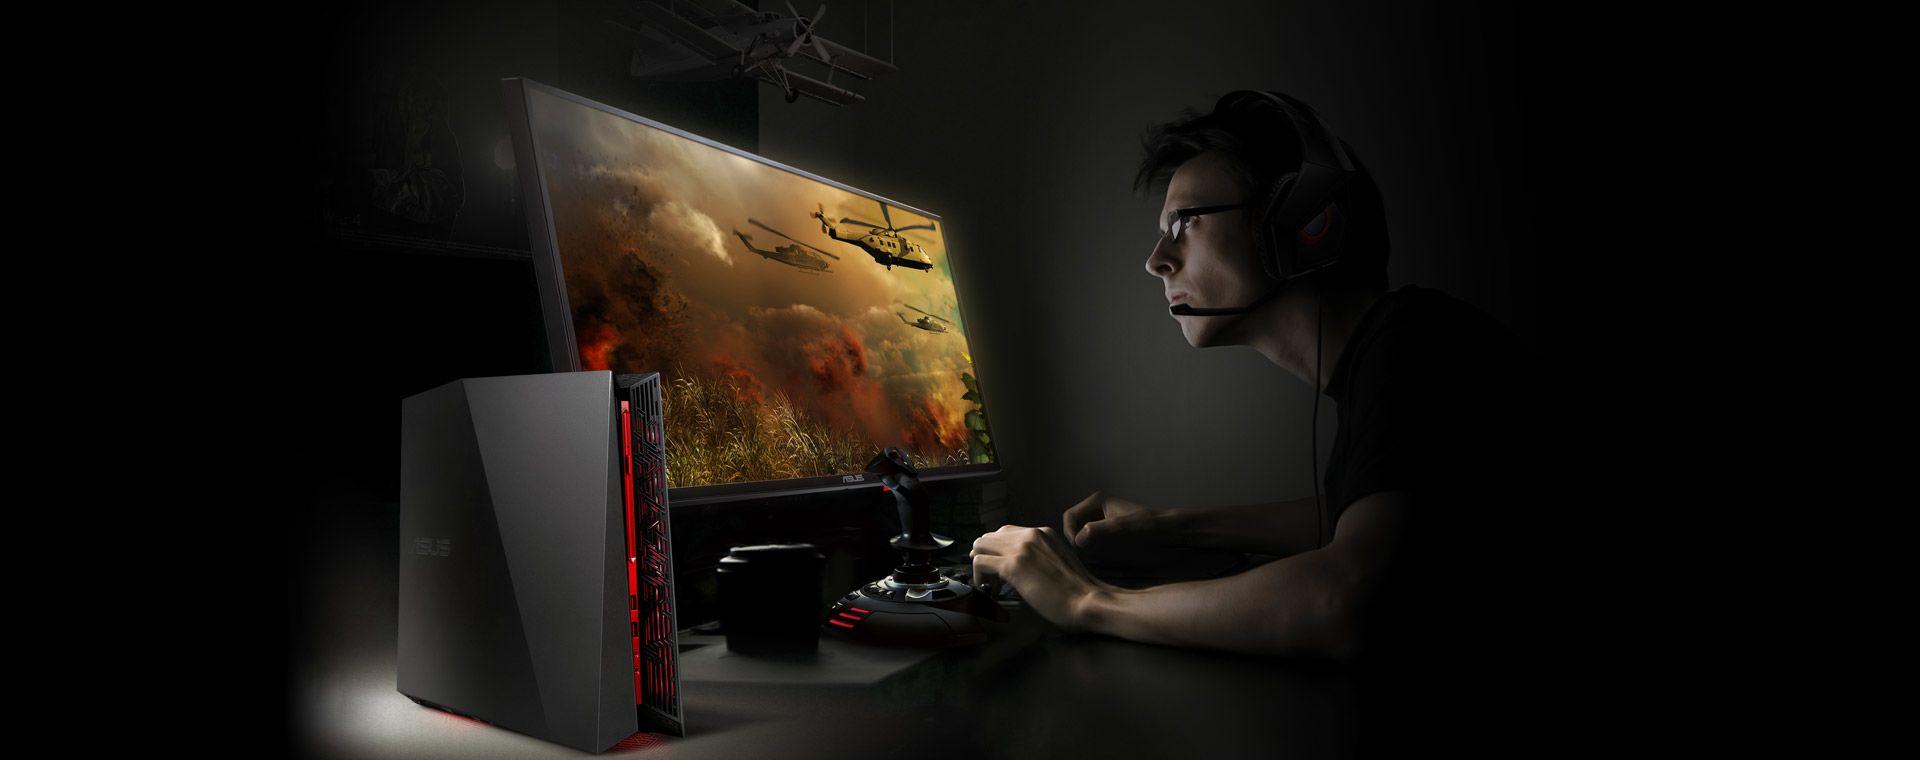 4 Konsol Game Tercanggih yang Bisa Kamu Pilih, Mana yang Terbaik?